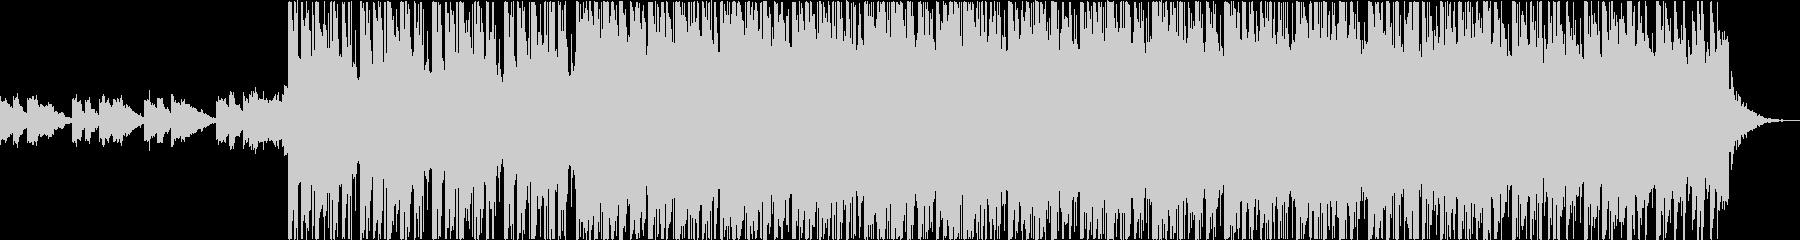 ピアノとギターのリズミカルなオープニングの未再生の波形